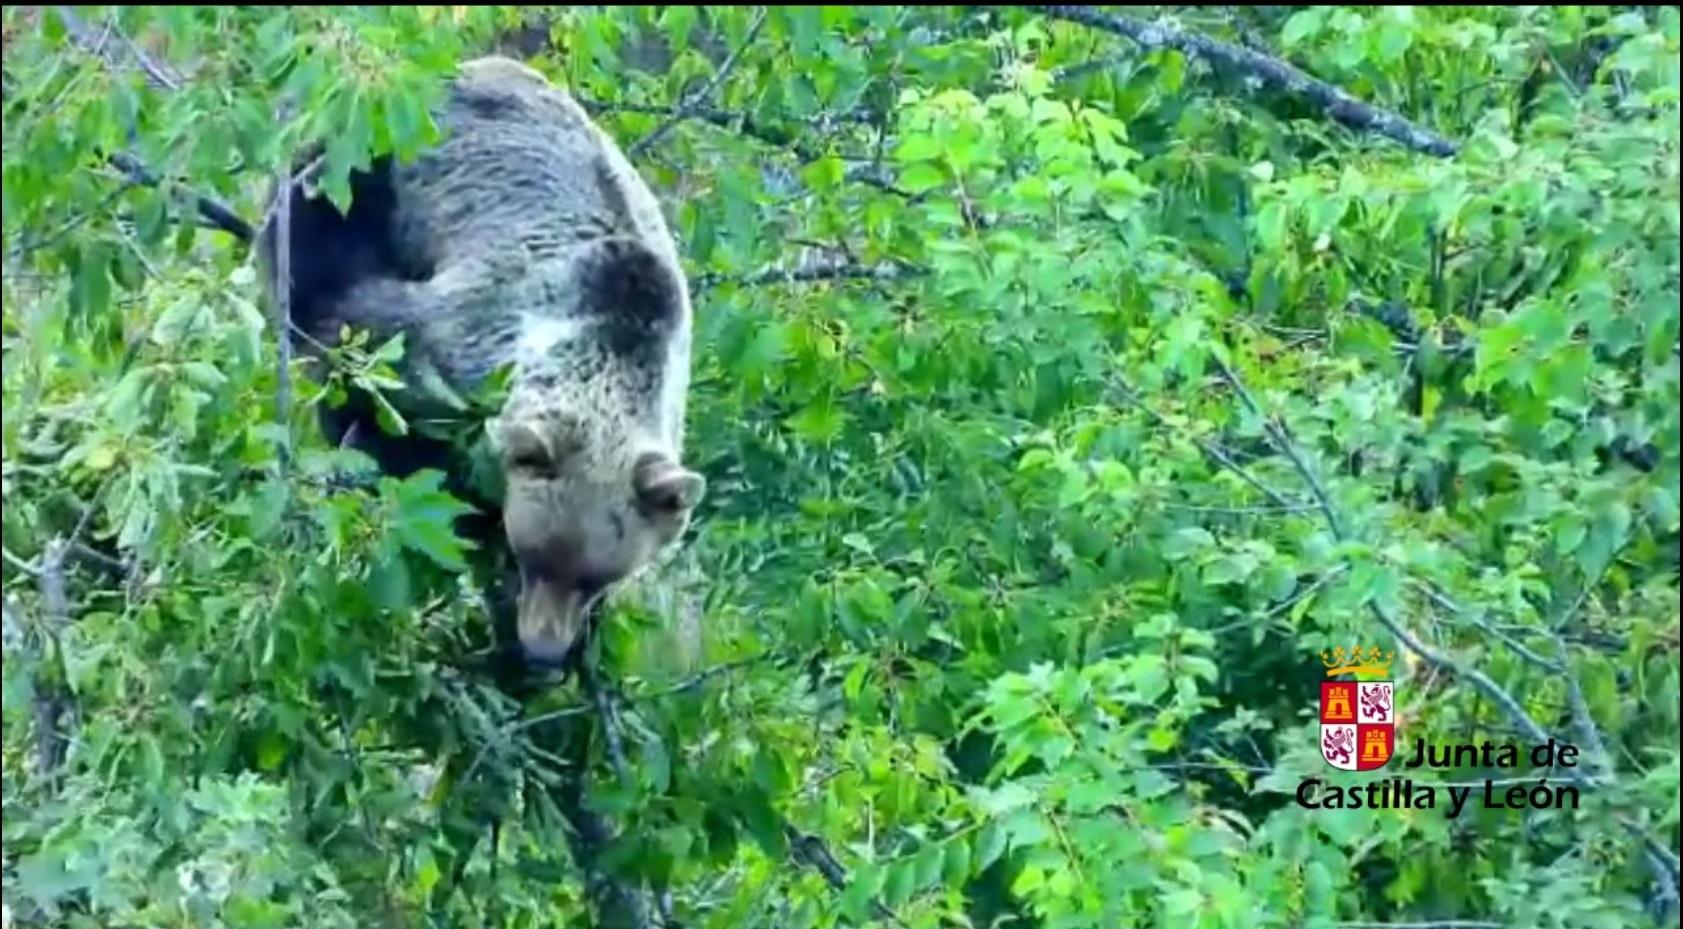 La Junta activa un teléfono 24 horas para el aviso temprano ante la presencia de osos en los entornos urbanos 1